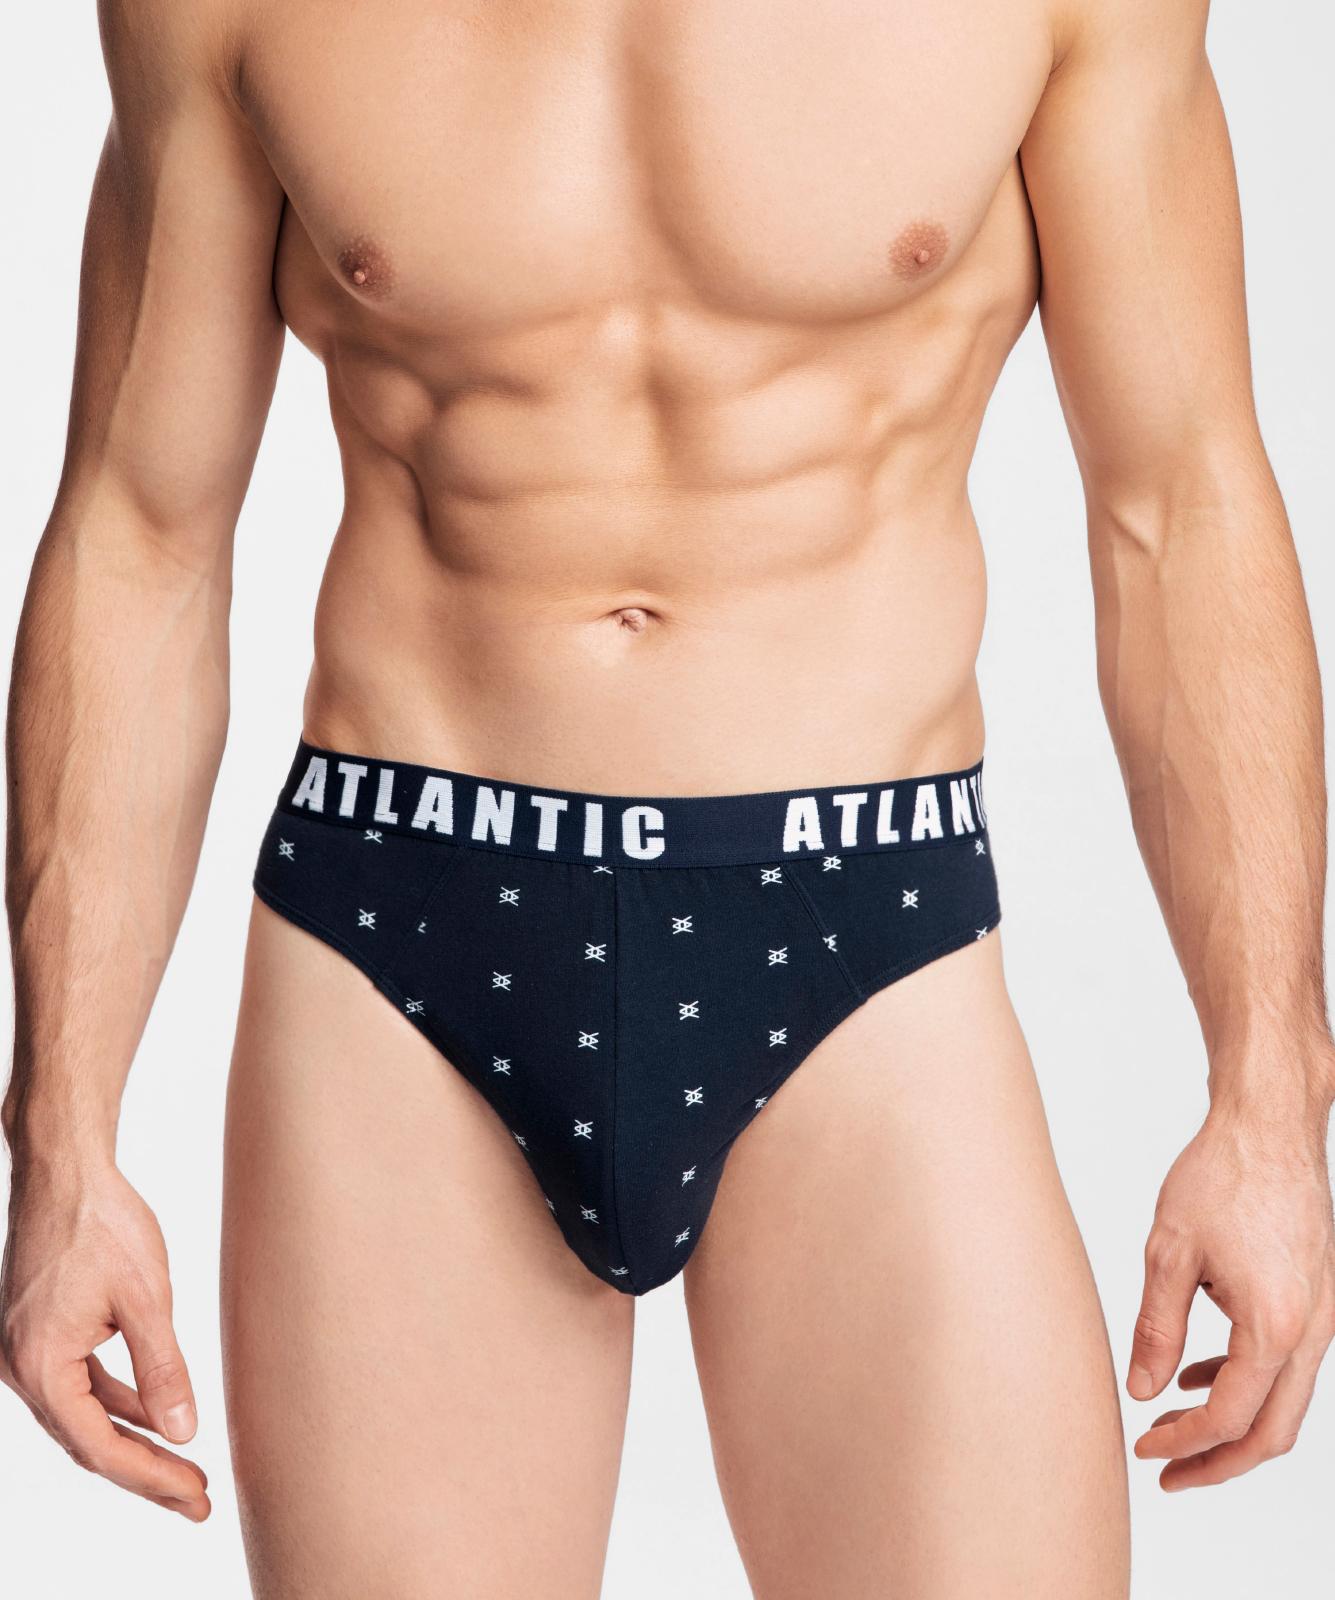 Мужские трусы слипы спорт Atlantic, набор 3 шт., хлопок, темно-синие + синие + голубые, 3MP-090